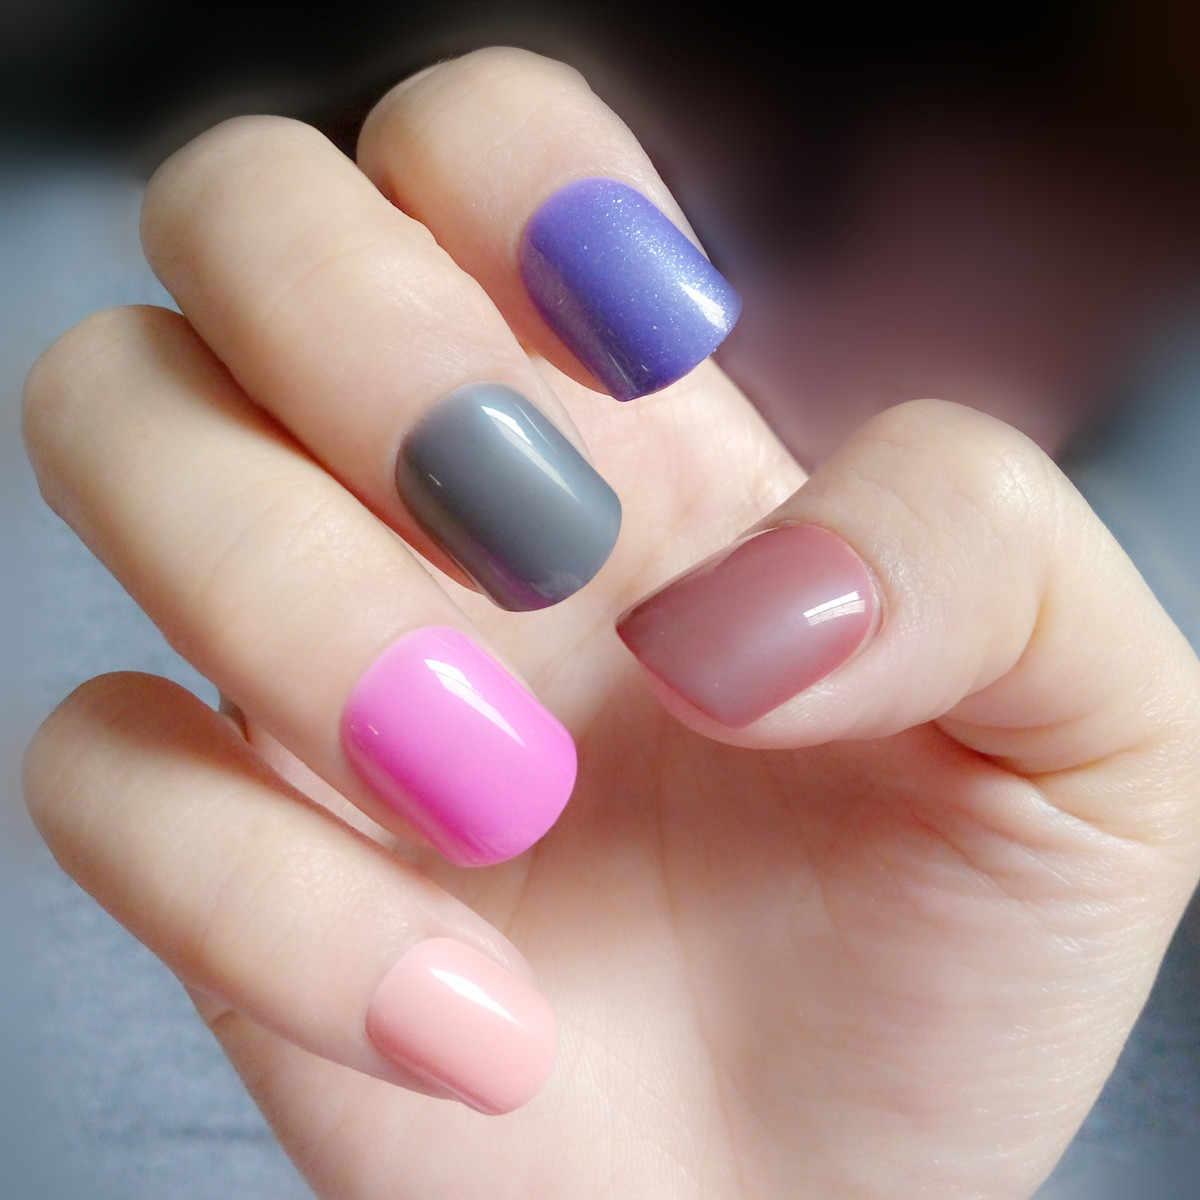 24 sztuk/zestaw cukierki sztuczne paznokcie krótki rozmiar tipsy akrylowe porady Dim Red sztuczne paznokcie DIY Lady narzędzia do manicure